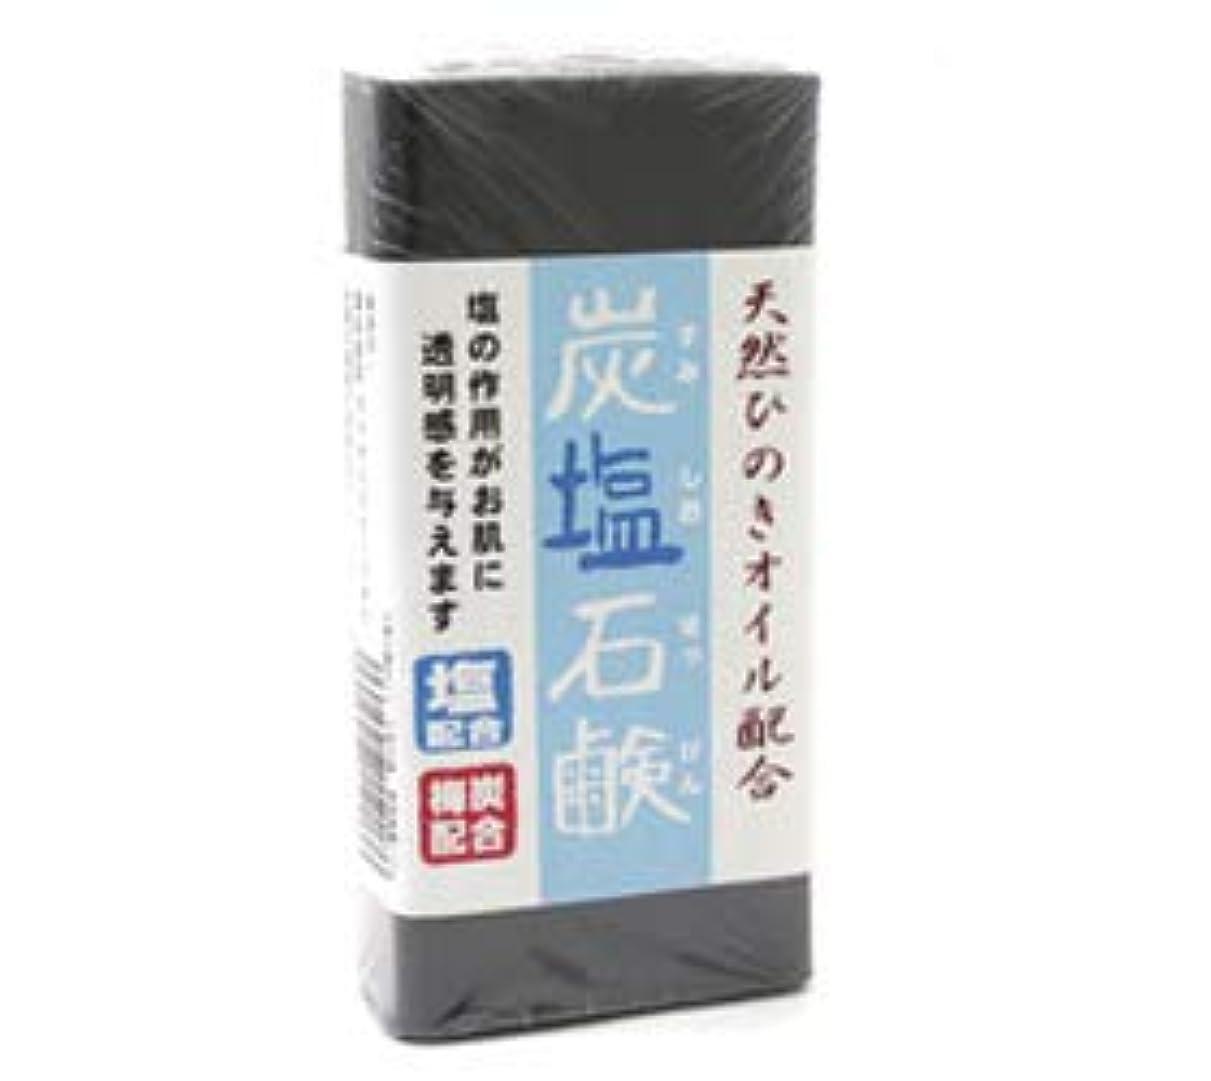 ブッシュ名前を作る人気炭塩石鹸 ロングサイズ 【 天然ひのきオイル配合】